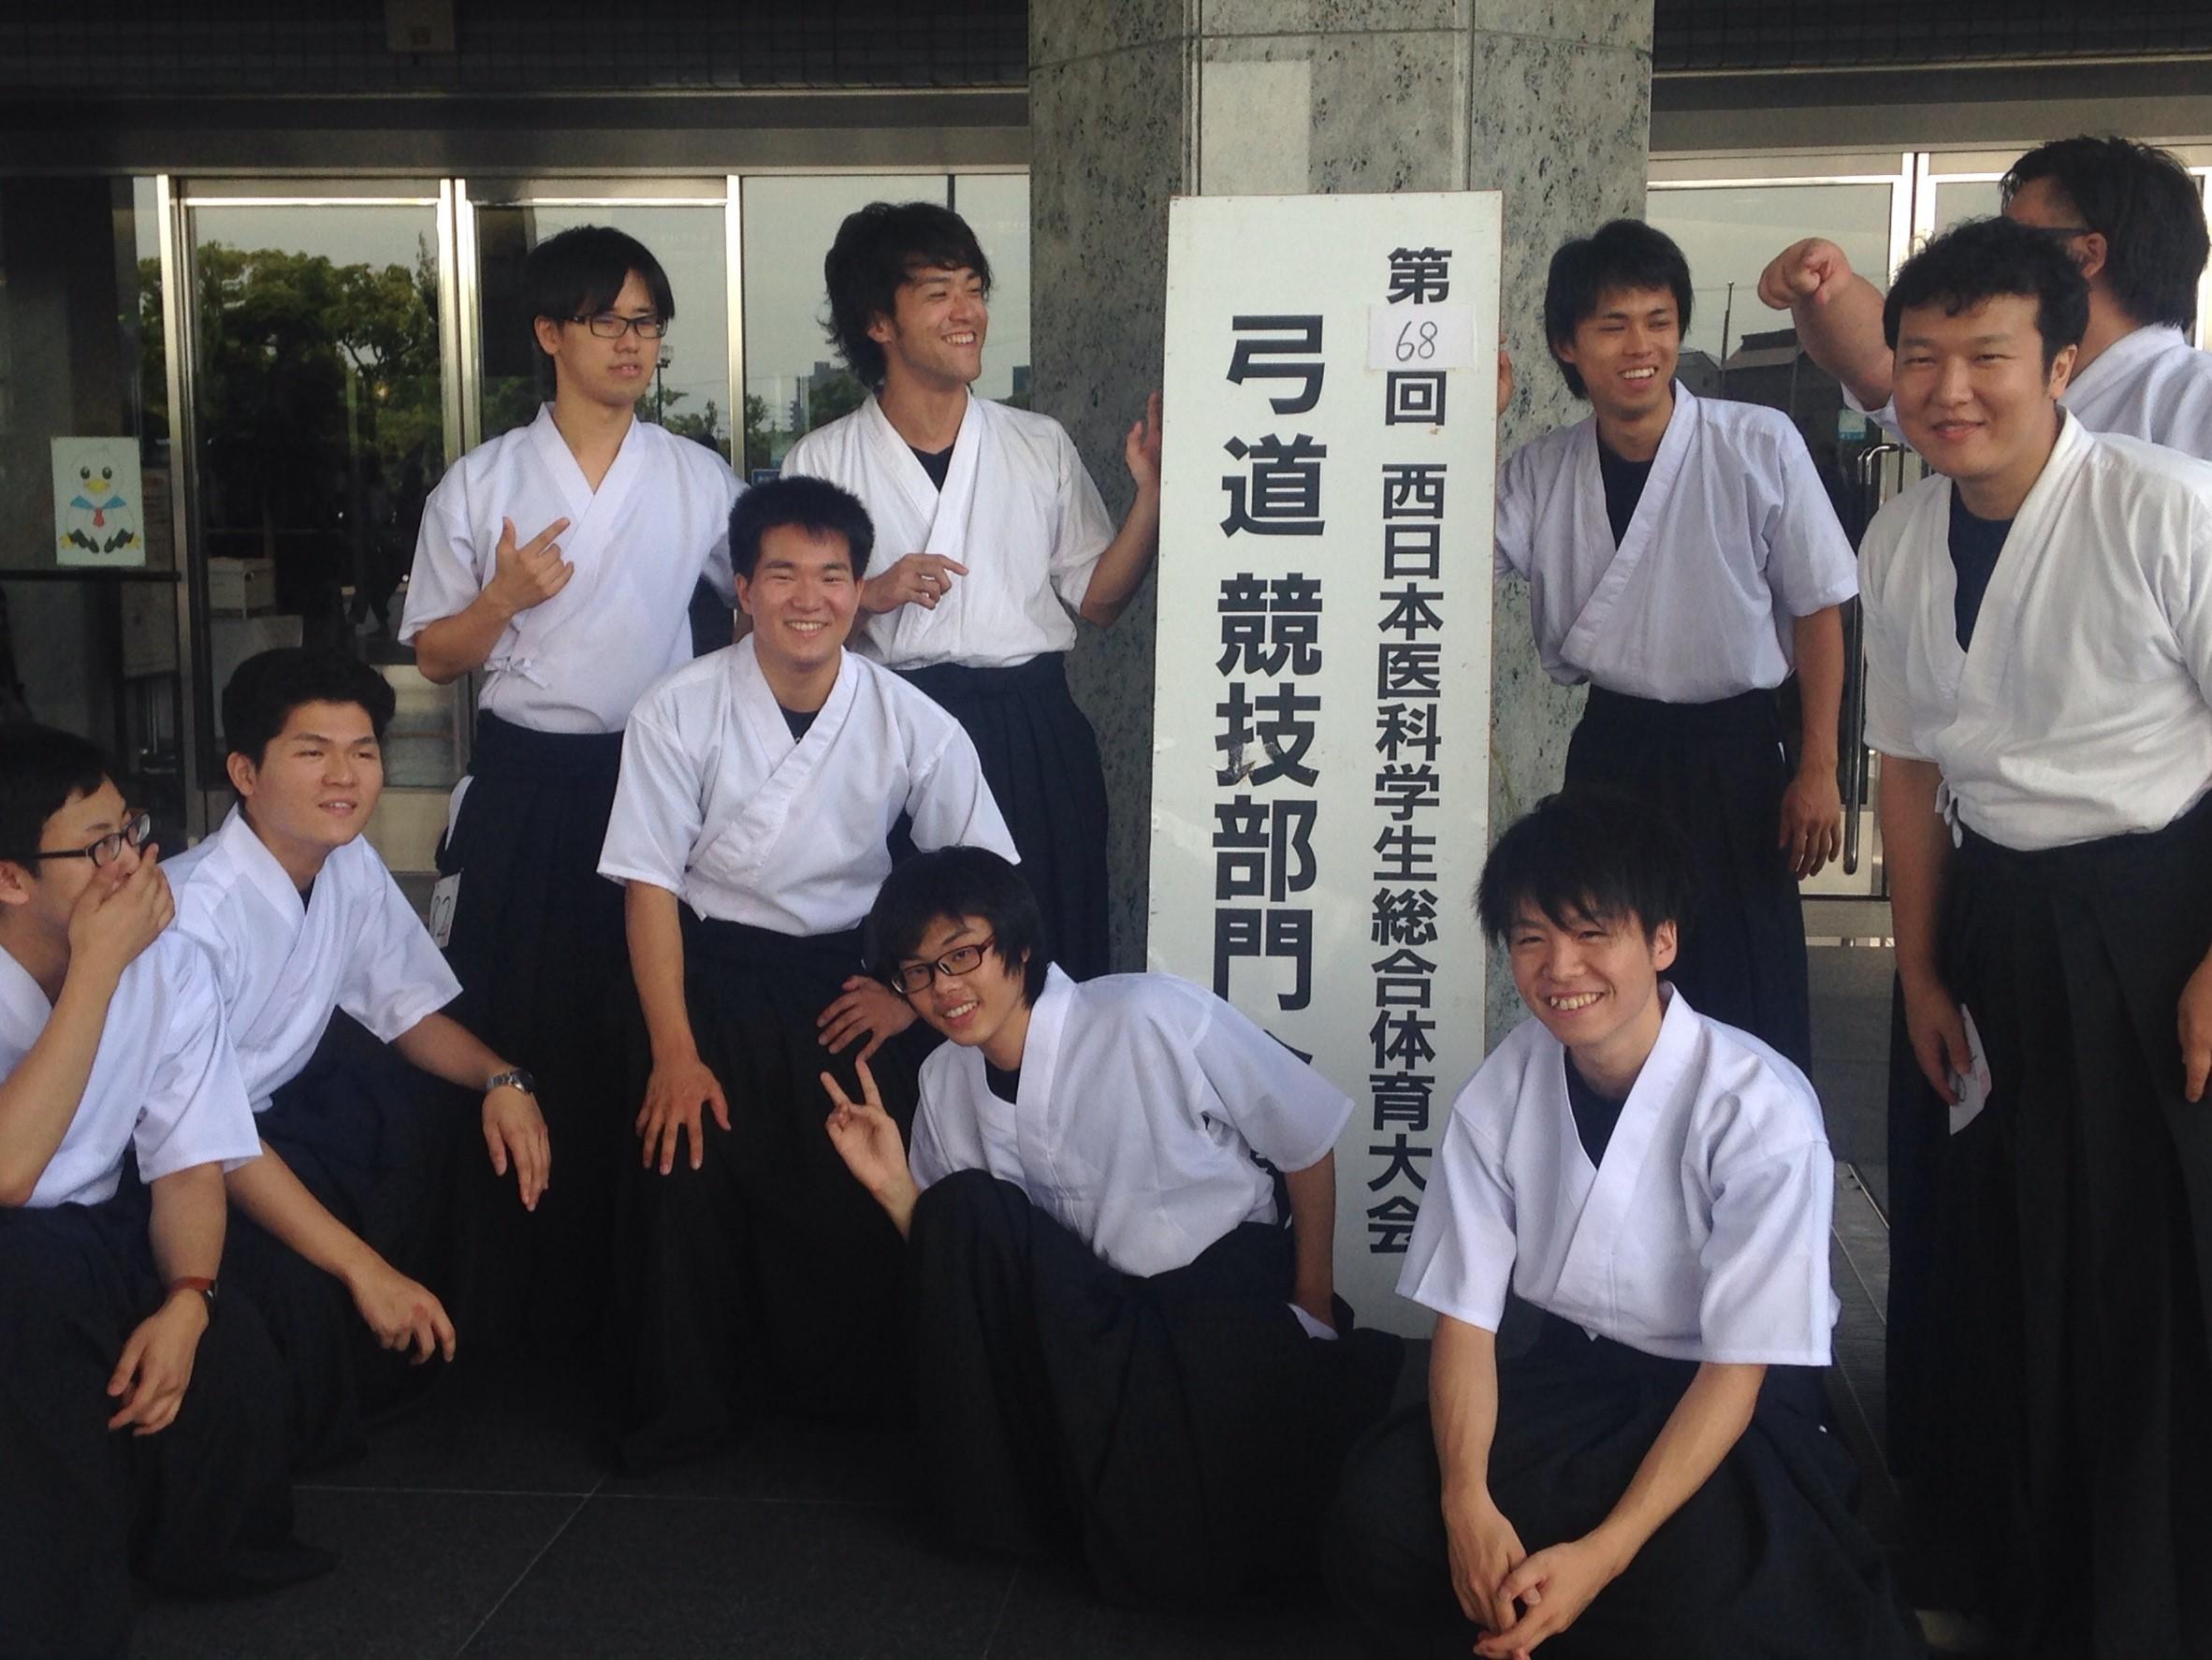 2016_西医体 in徳島_318 (14)